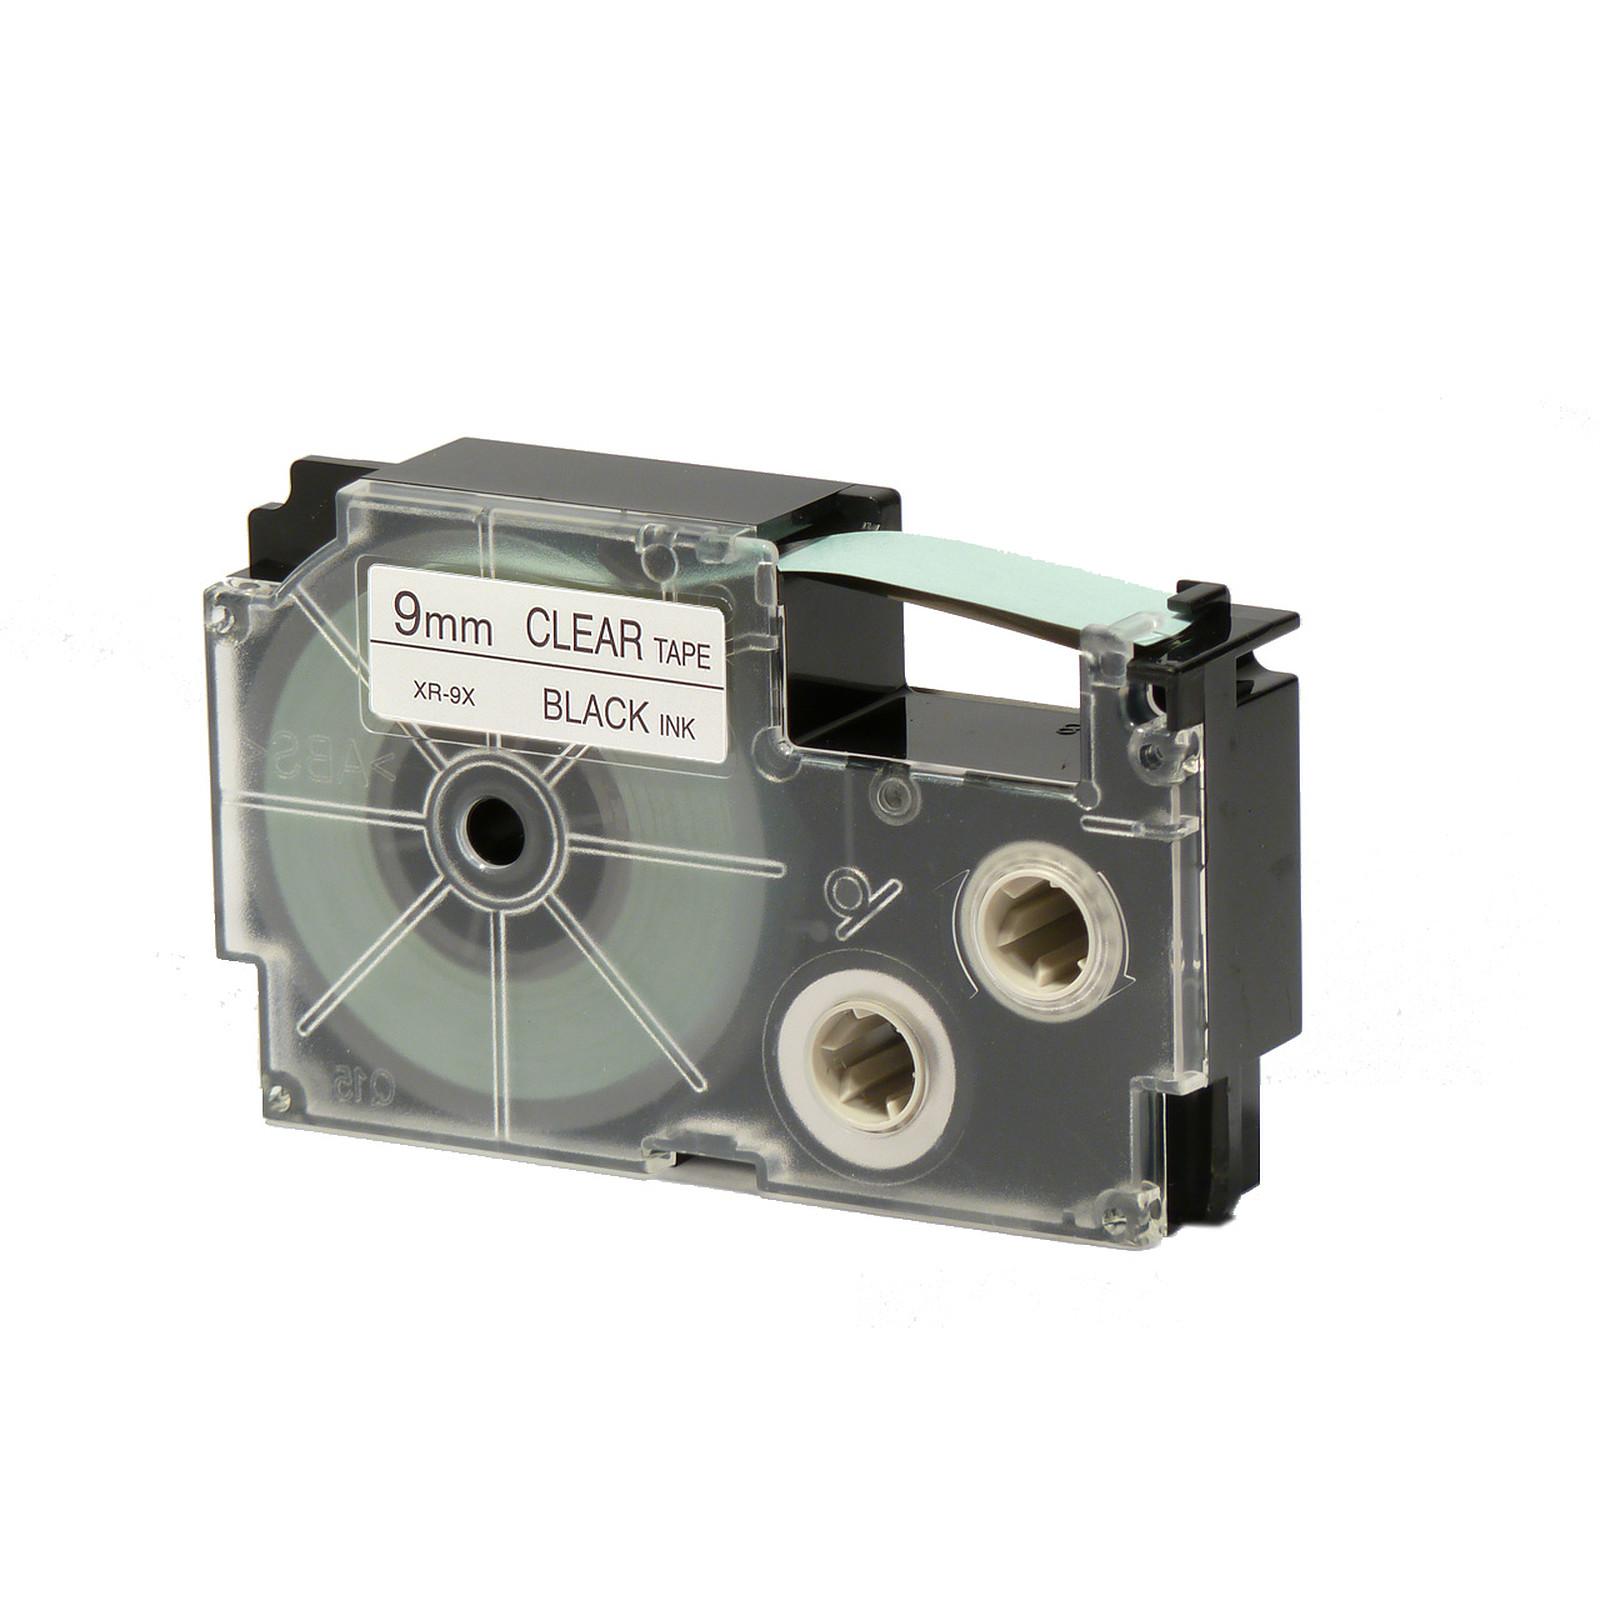 Casio XR-9X1